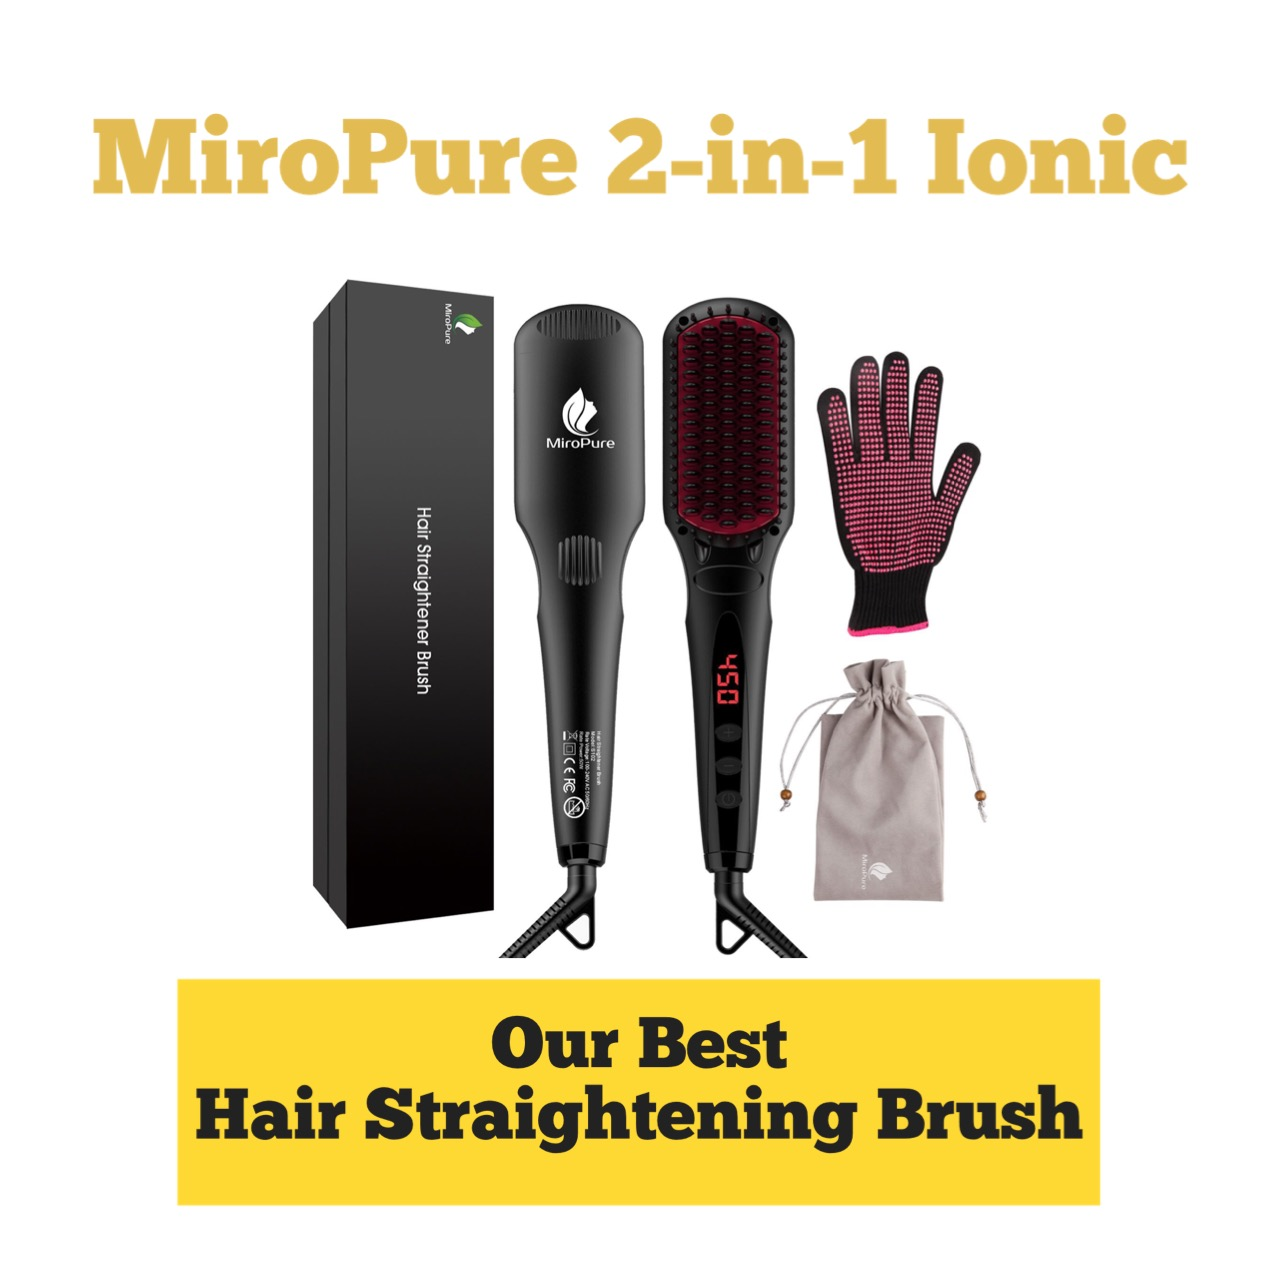 MiroPure straightening brush